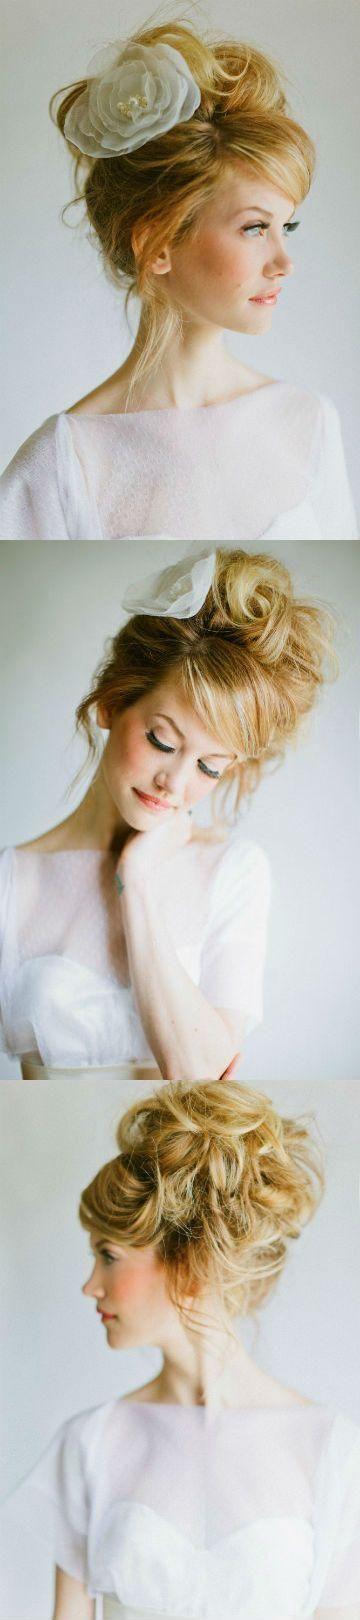 Dreamy hair #beauty #hair #wedding